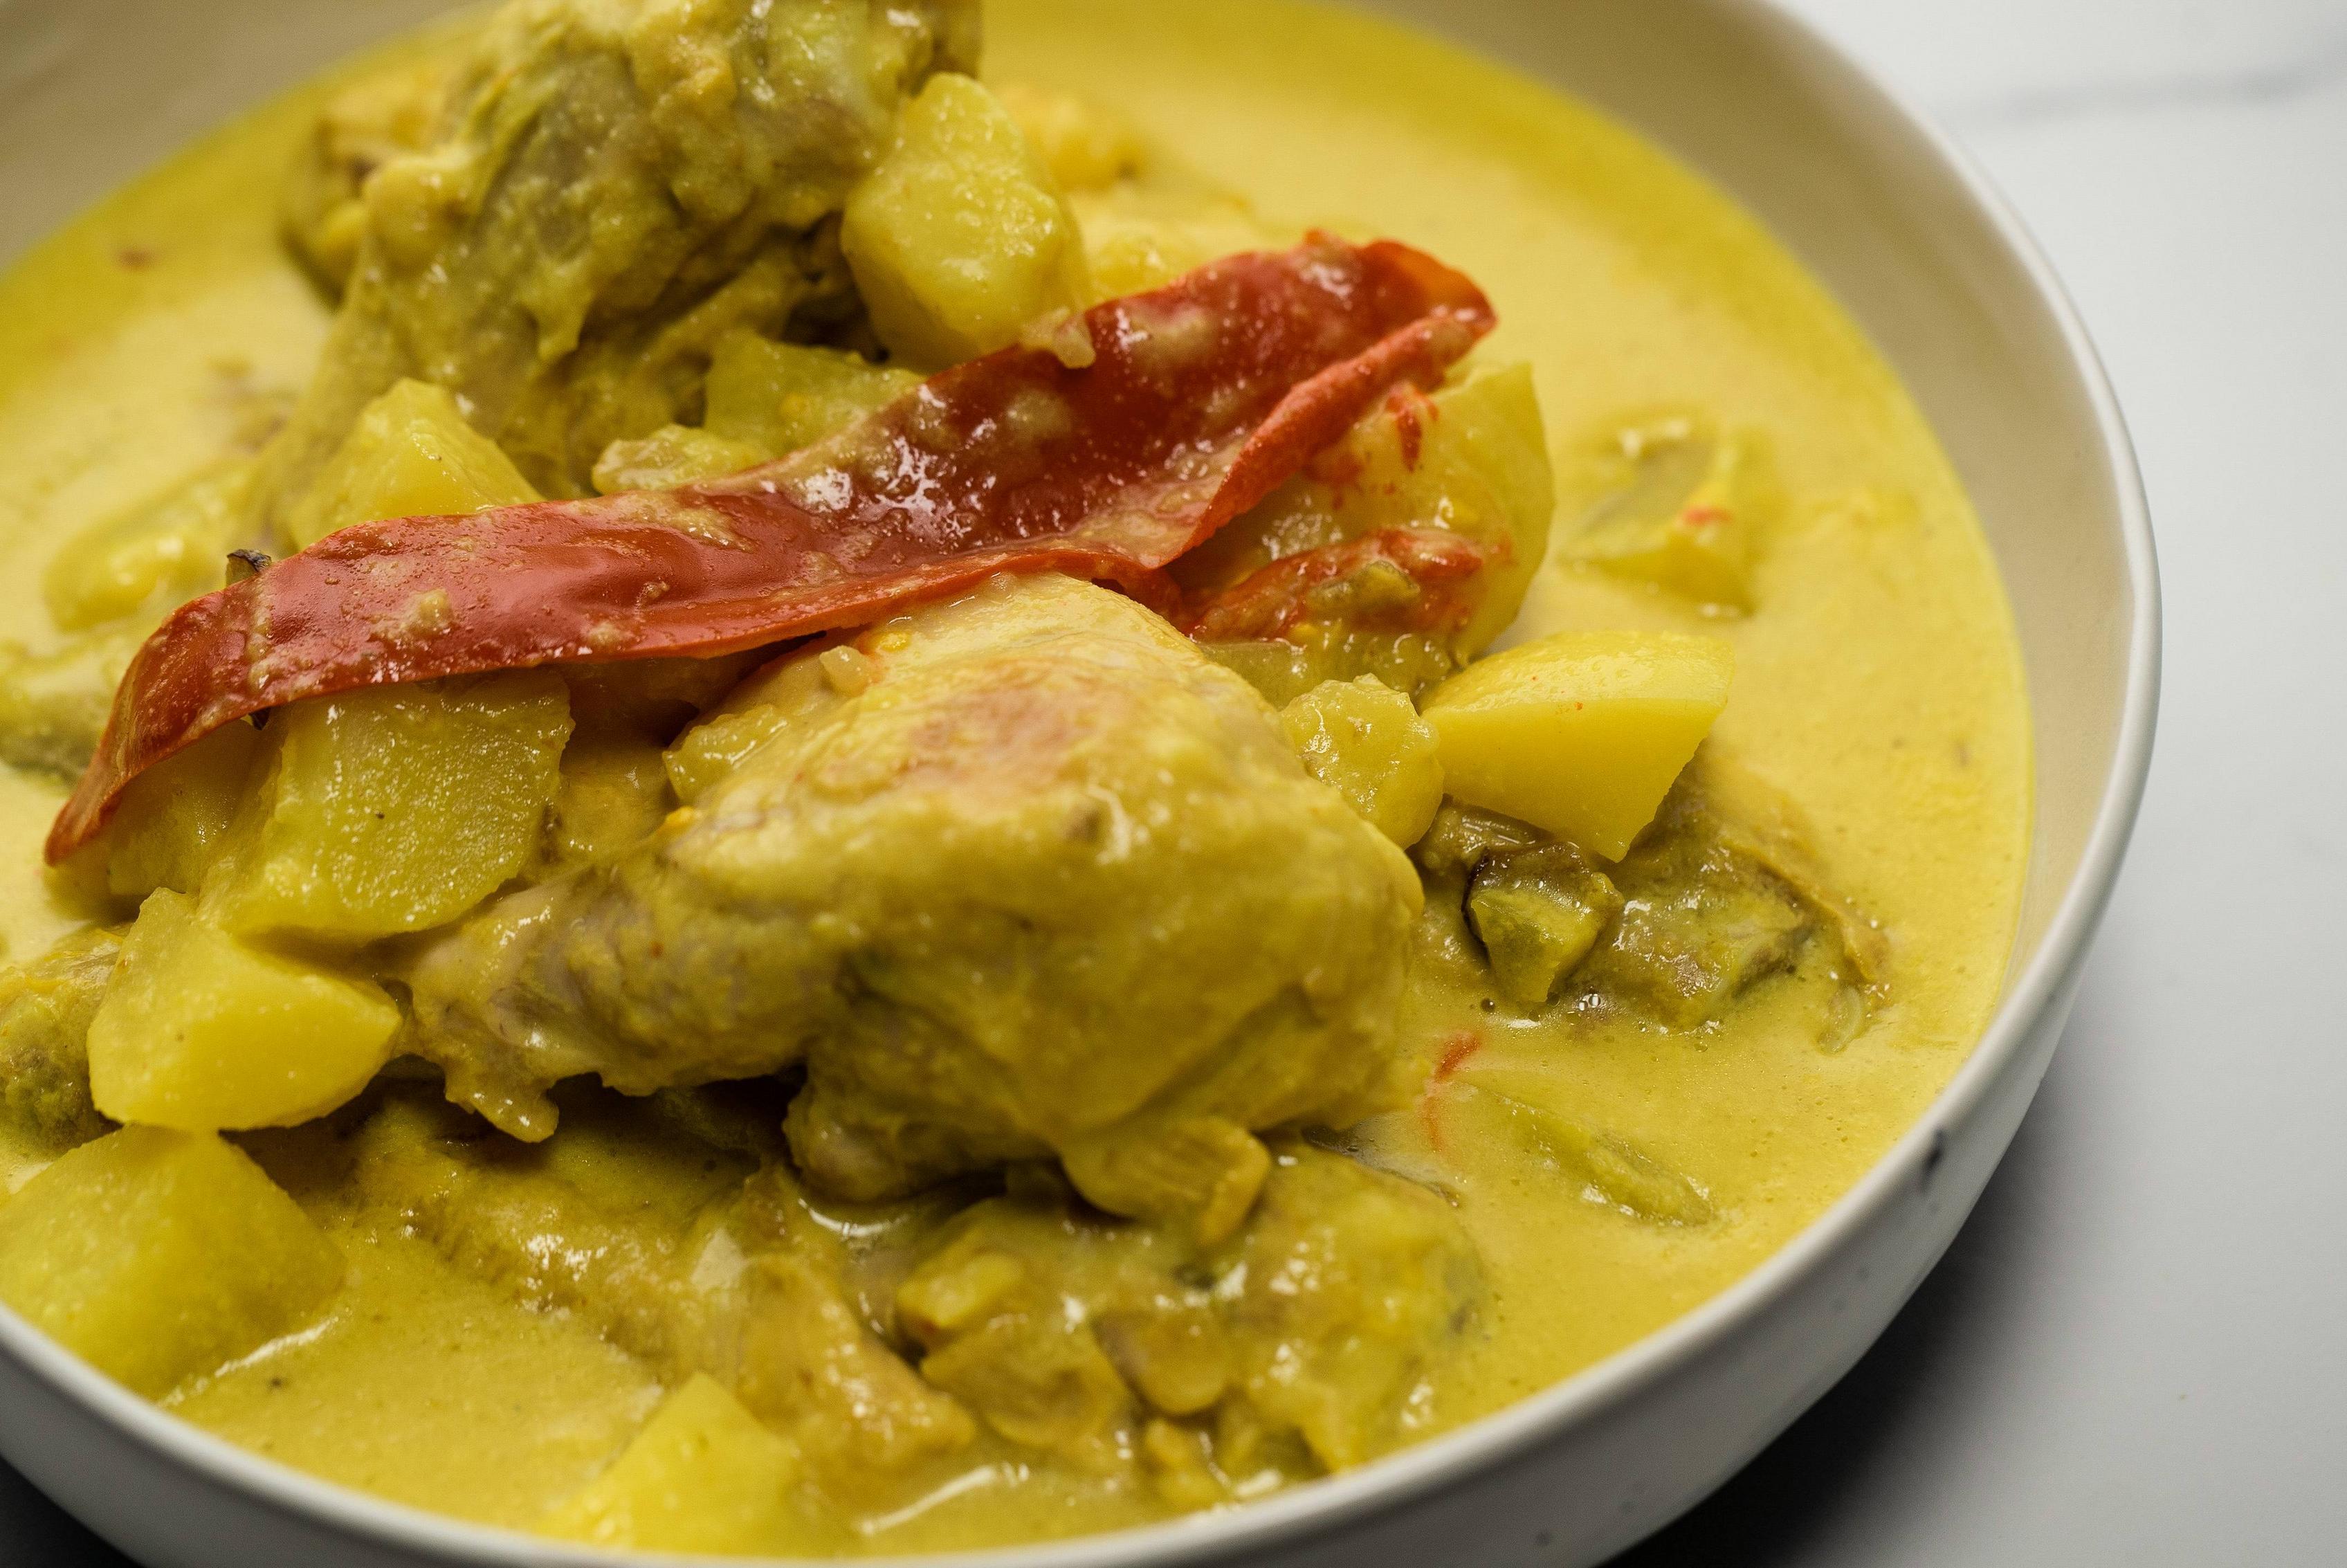 Seismik Makan Resipi Lauk Ayam Masak Lemak Kuning